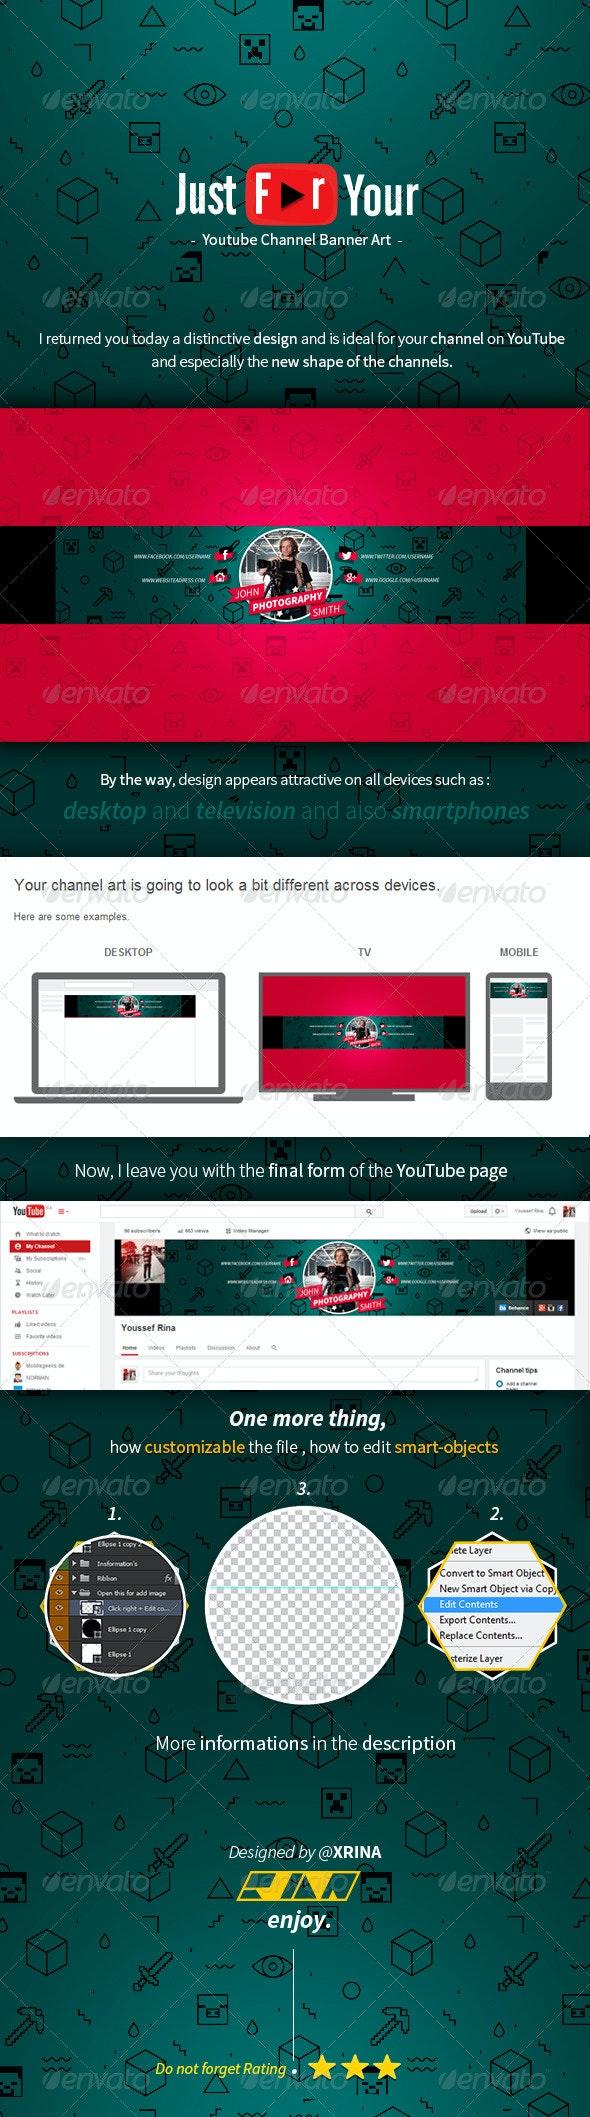 Royal Youtube Banner - YouTube Social Media